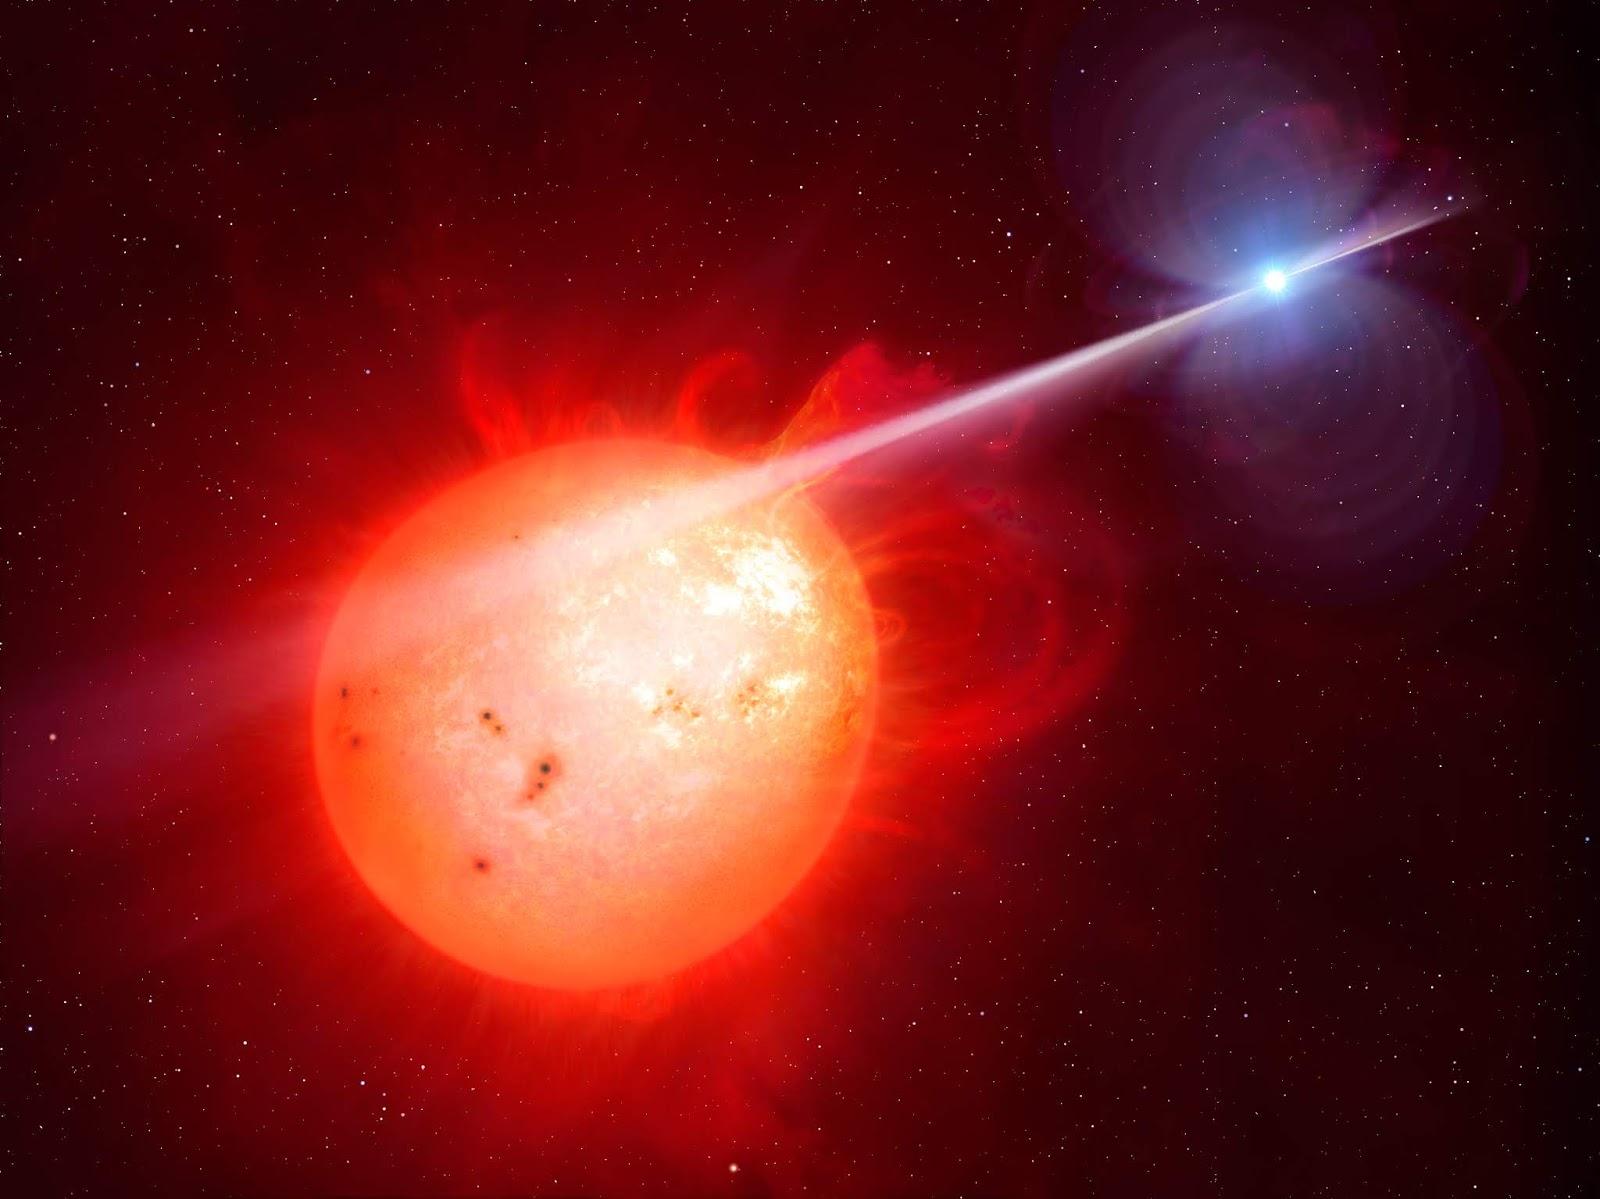 AR Scorpii, Red dwarf star, White dwarf star, Radiation, HD, 5K, Space